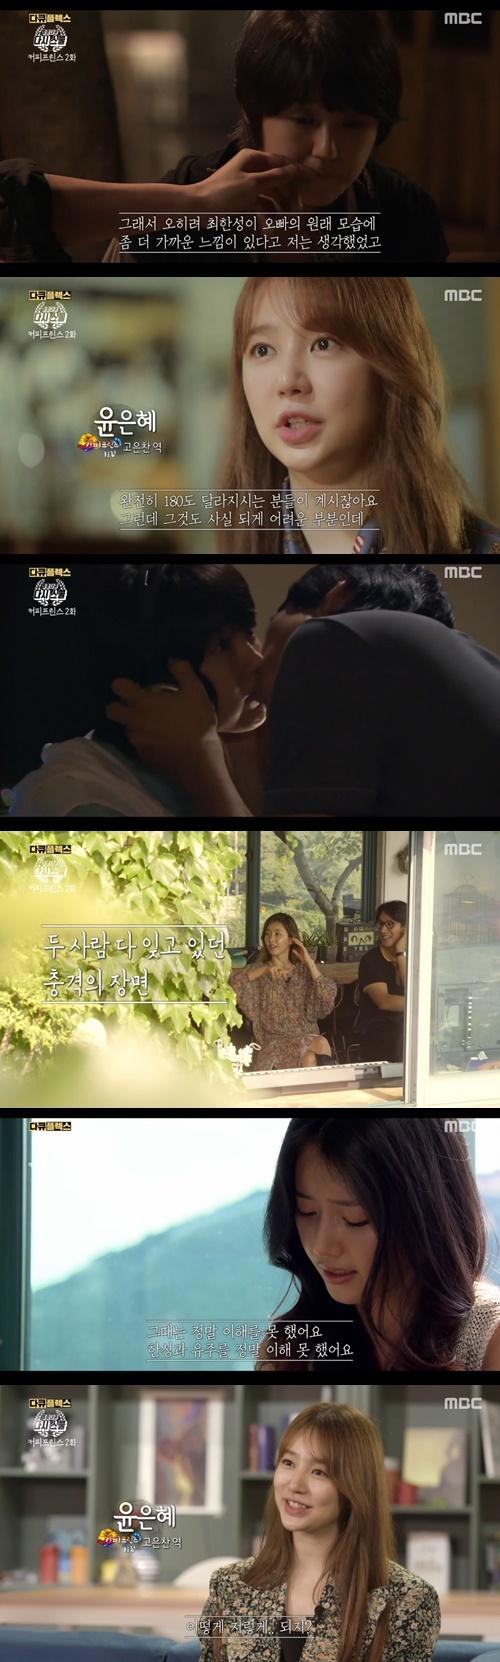 '청춘다큐 다시스물' 윤은혜가 이선균에 대해 언급했다. 사진='청춘다큐 다시스물' 캡쳐